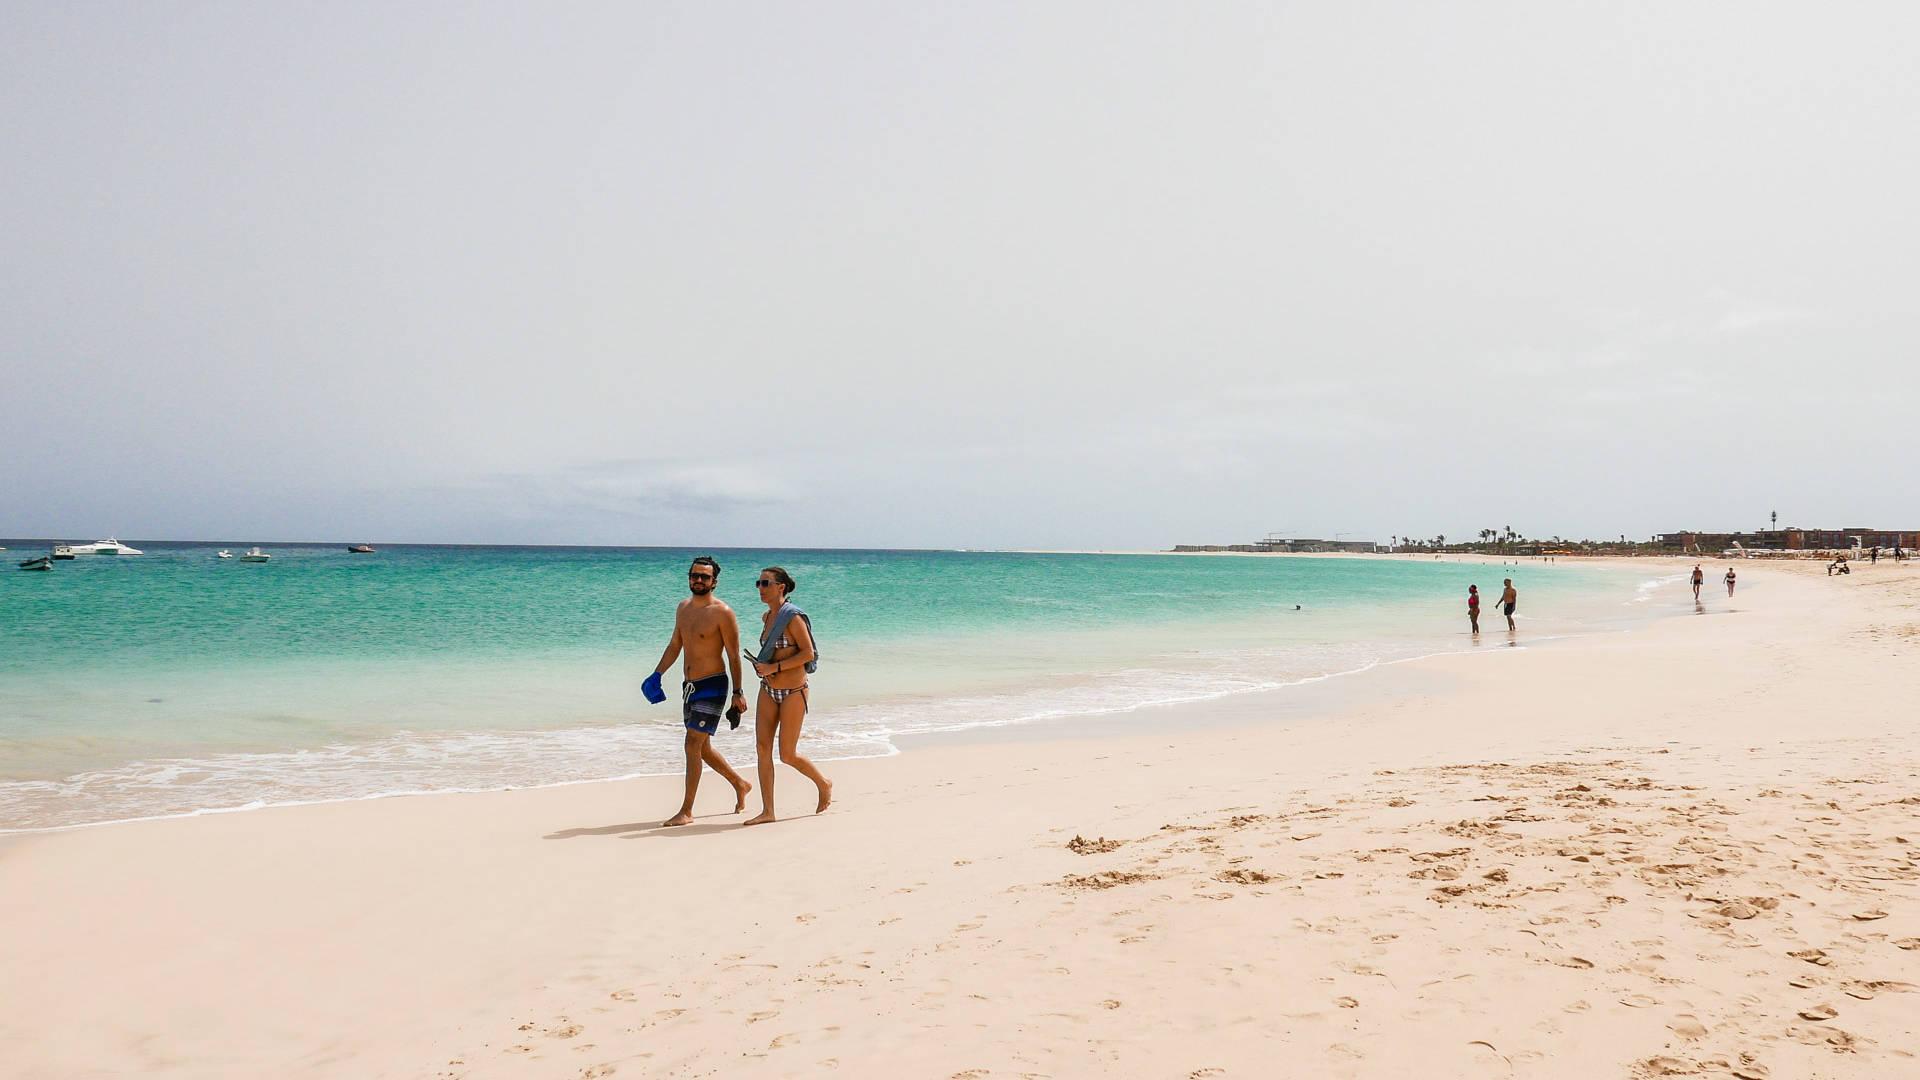 kaapverdie sal santa maria mooiste vakantie eilanden